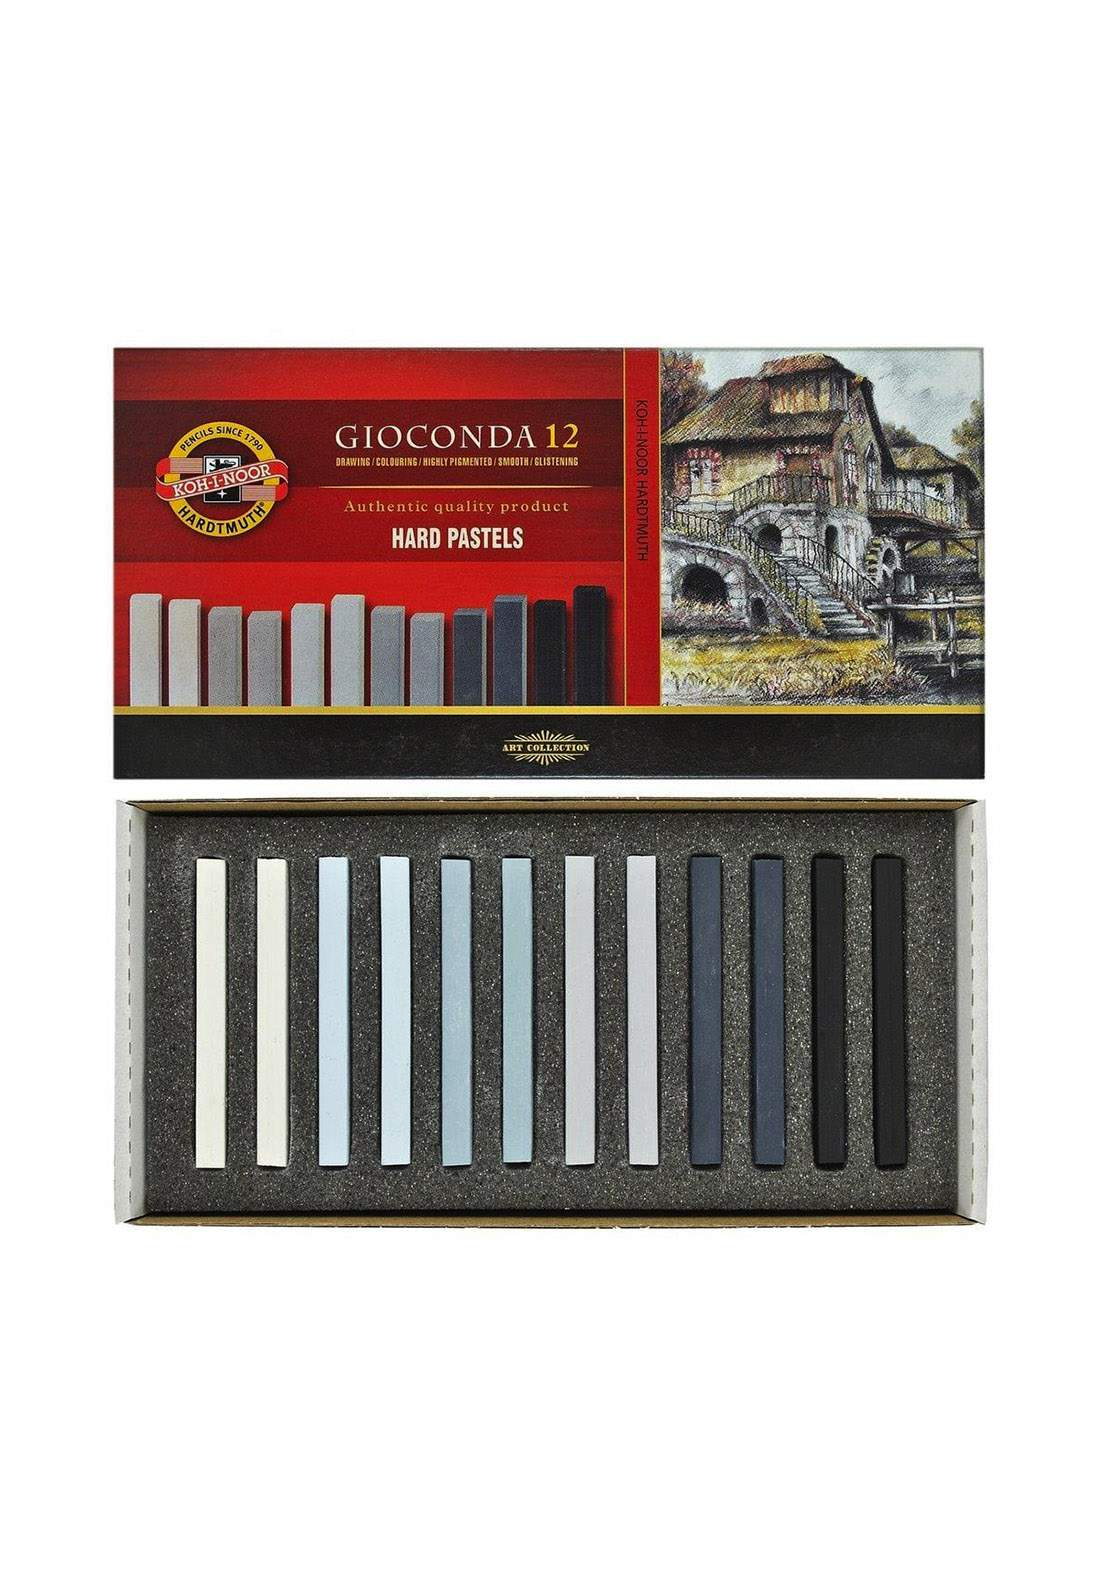 Koh-I-Noor Gioconda Pack of 12 Hard Chalks-Gray سيت طباشير باستيل 12 قطعة